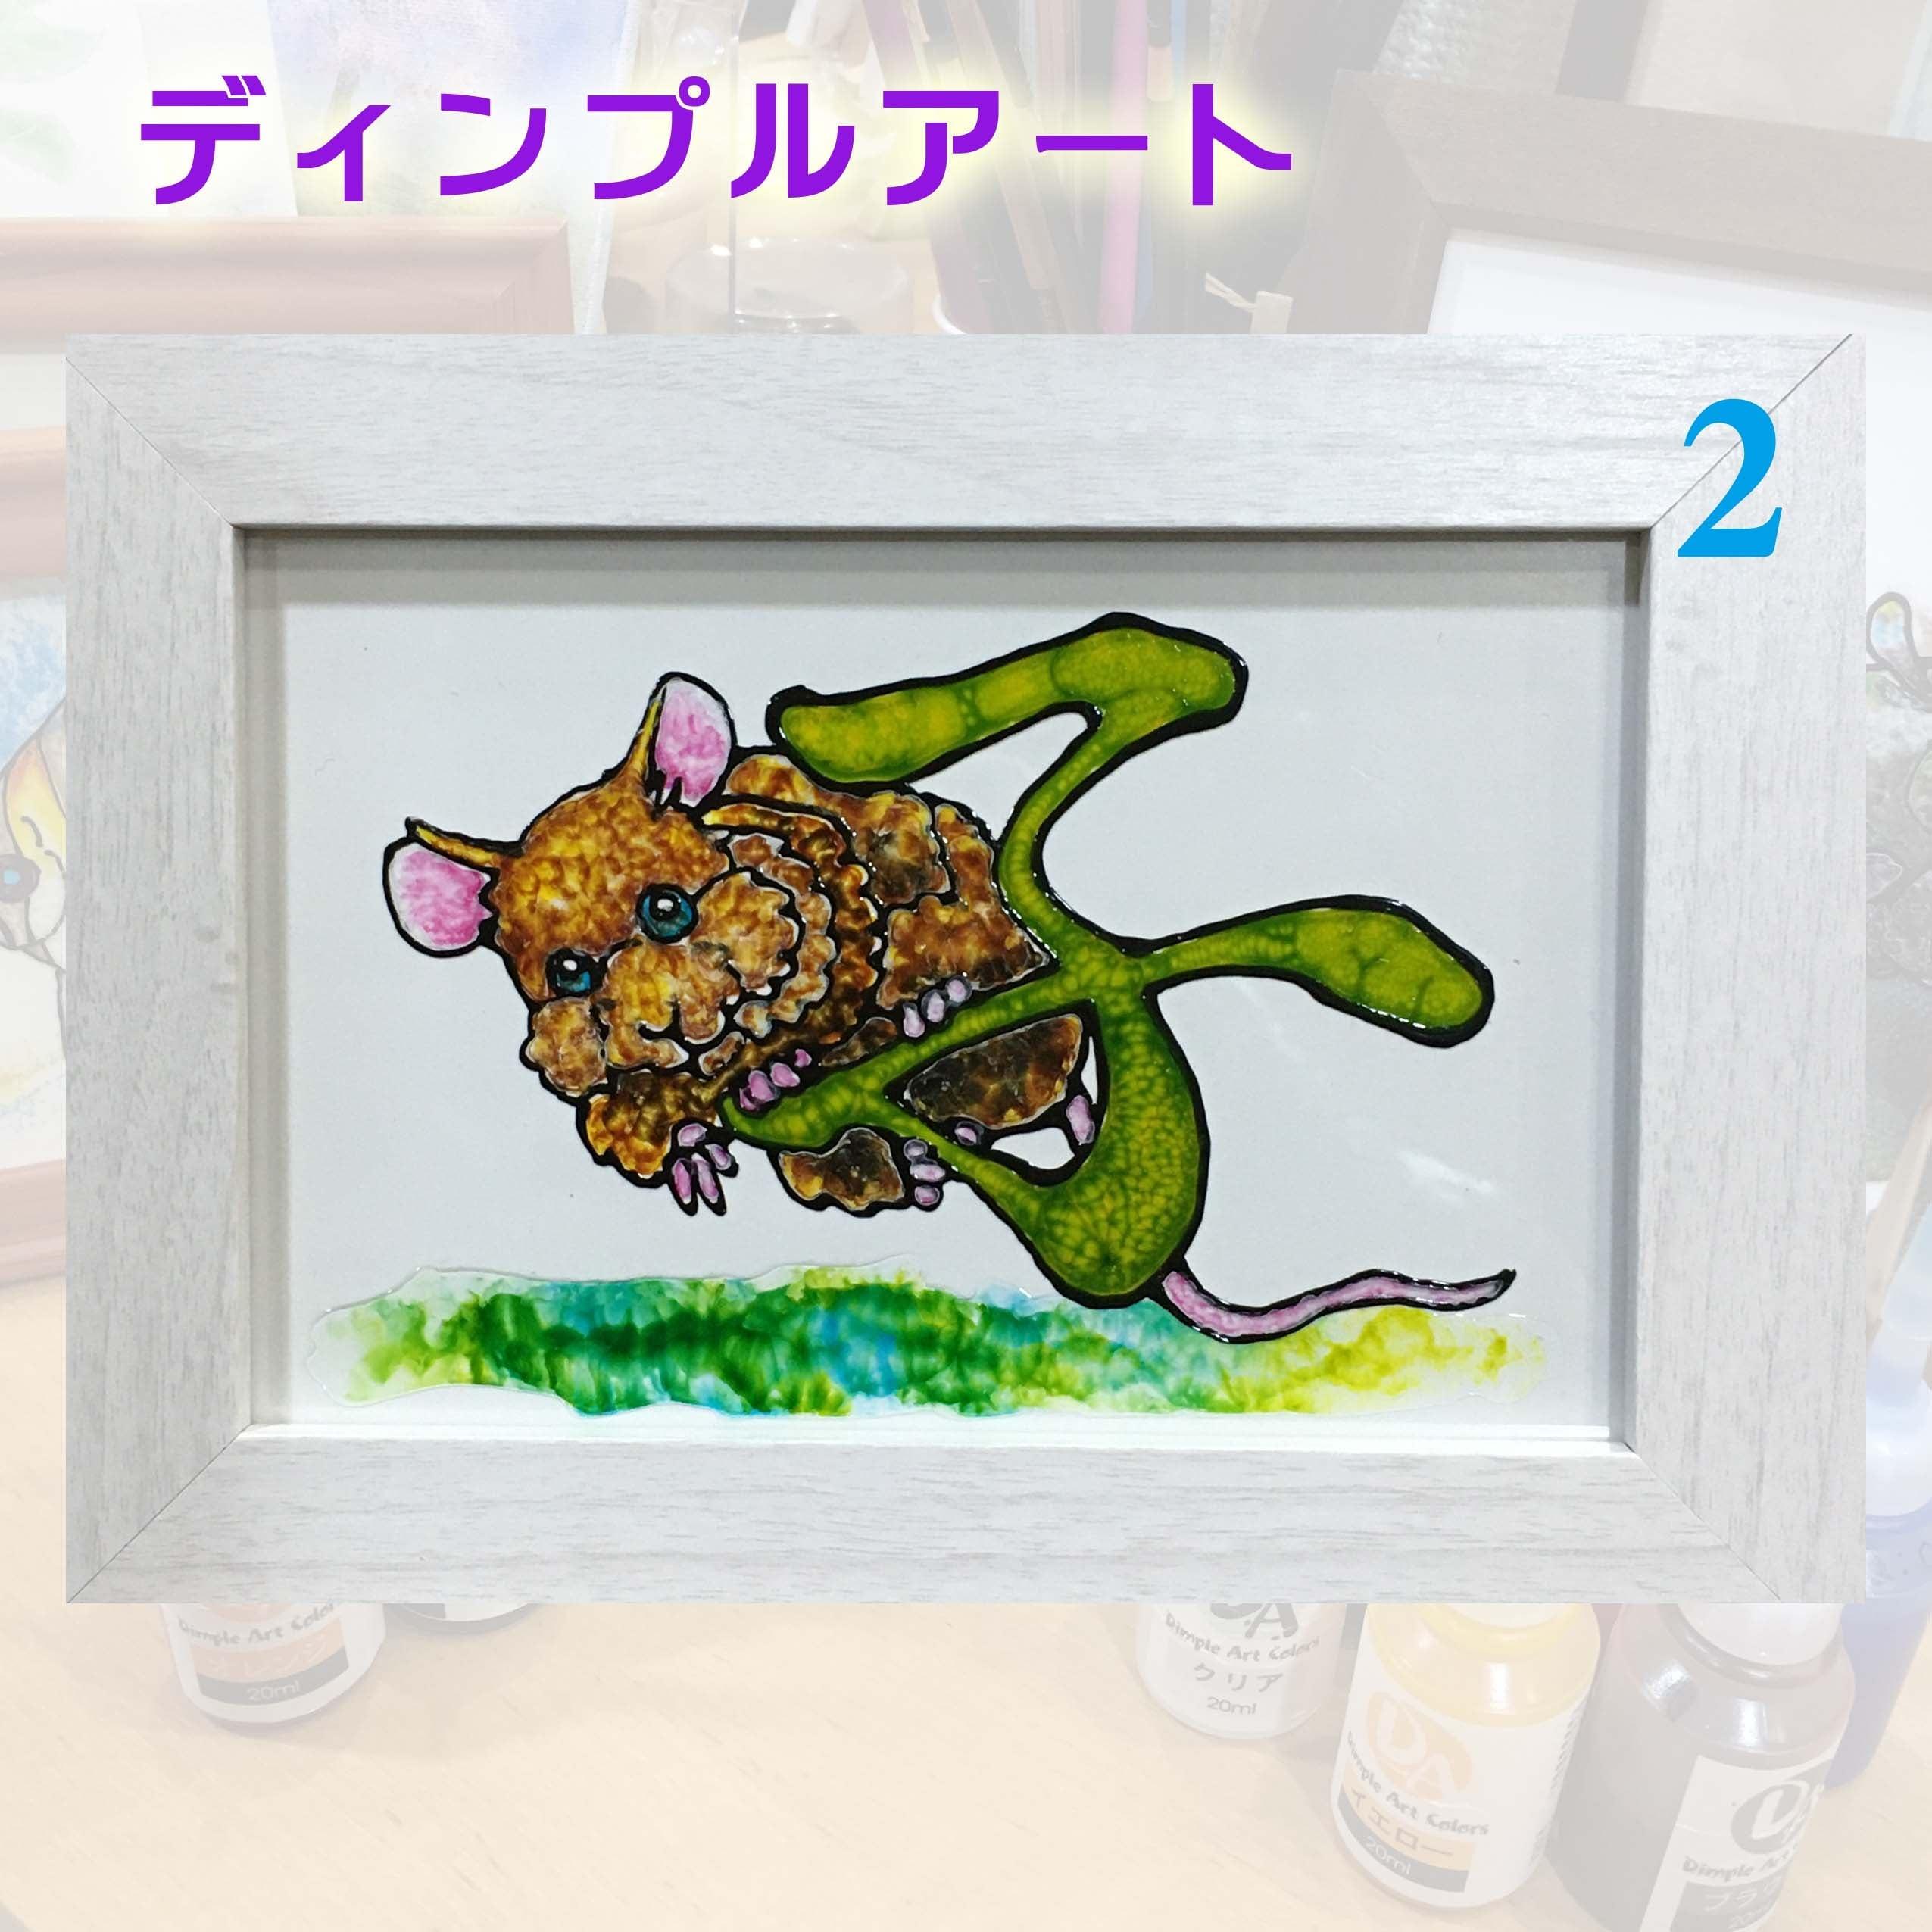 オリジナル【ディンプルアート】ねずみのイメージその3